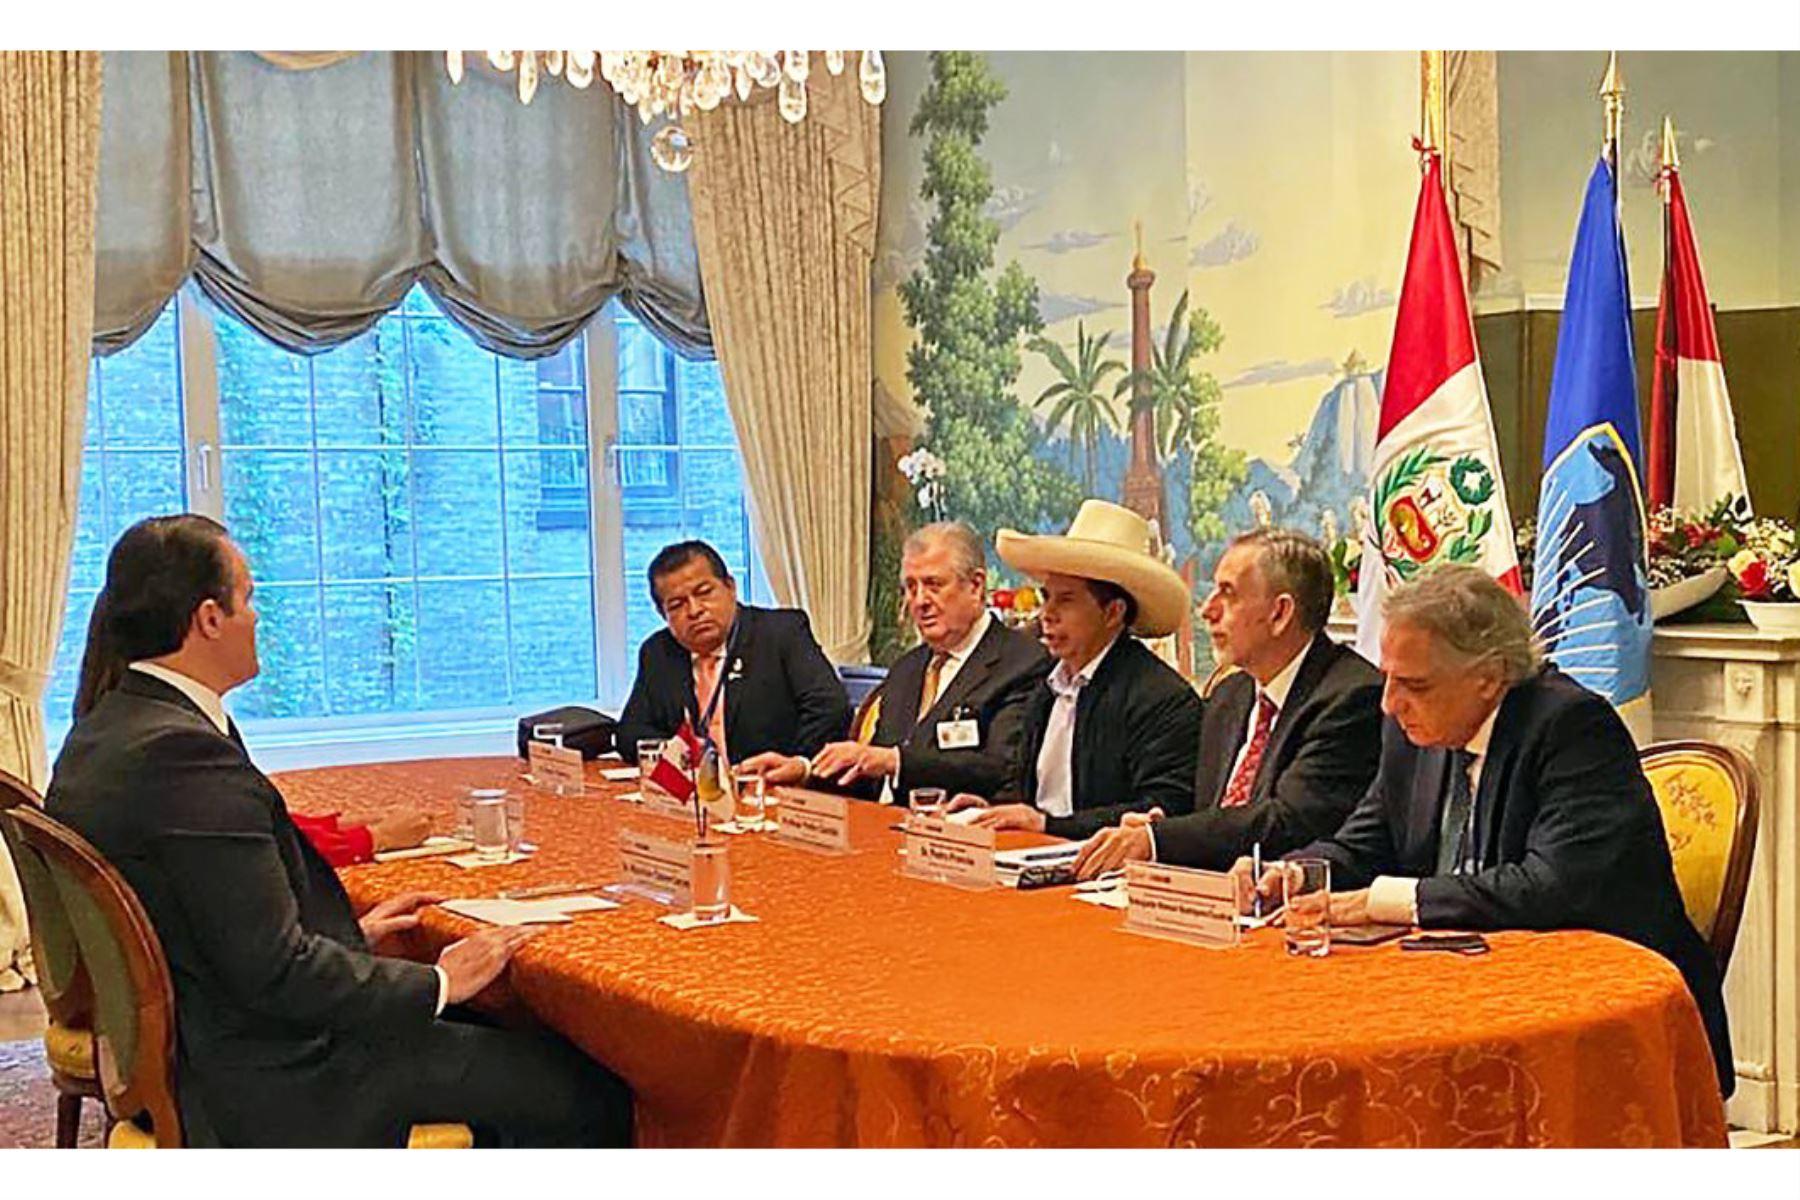 El jefe de Estado, Pedro Castillo, sostuvo una reunión bilateral con el presidente del BID, Mauricio Claver-Carone, donde abordaron el apoyo a la reactivación económica en las regiones, en los sectores de salud, educación, saneamiento y transportes, entre otros. Foto: ANDINA/Prensa Presidencia